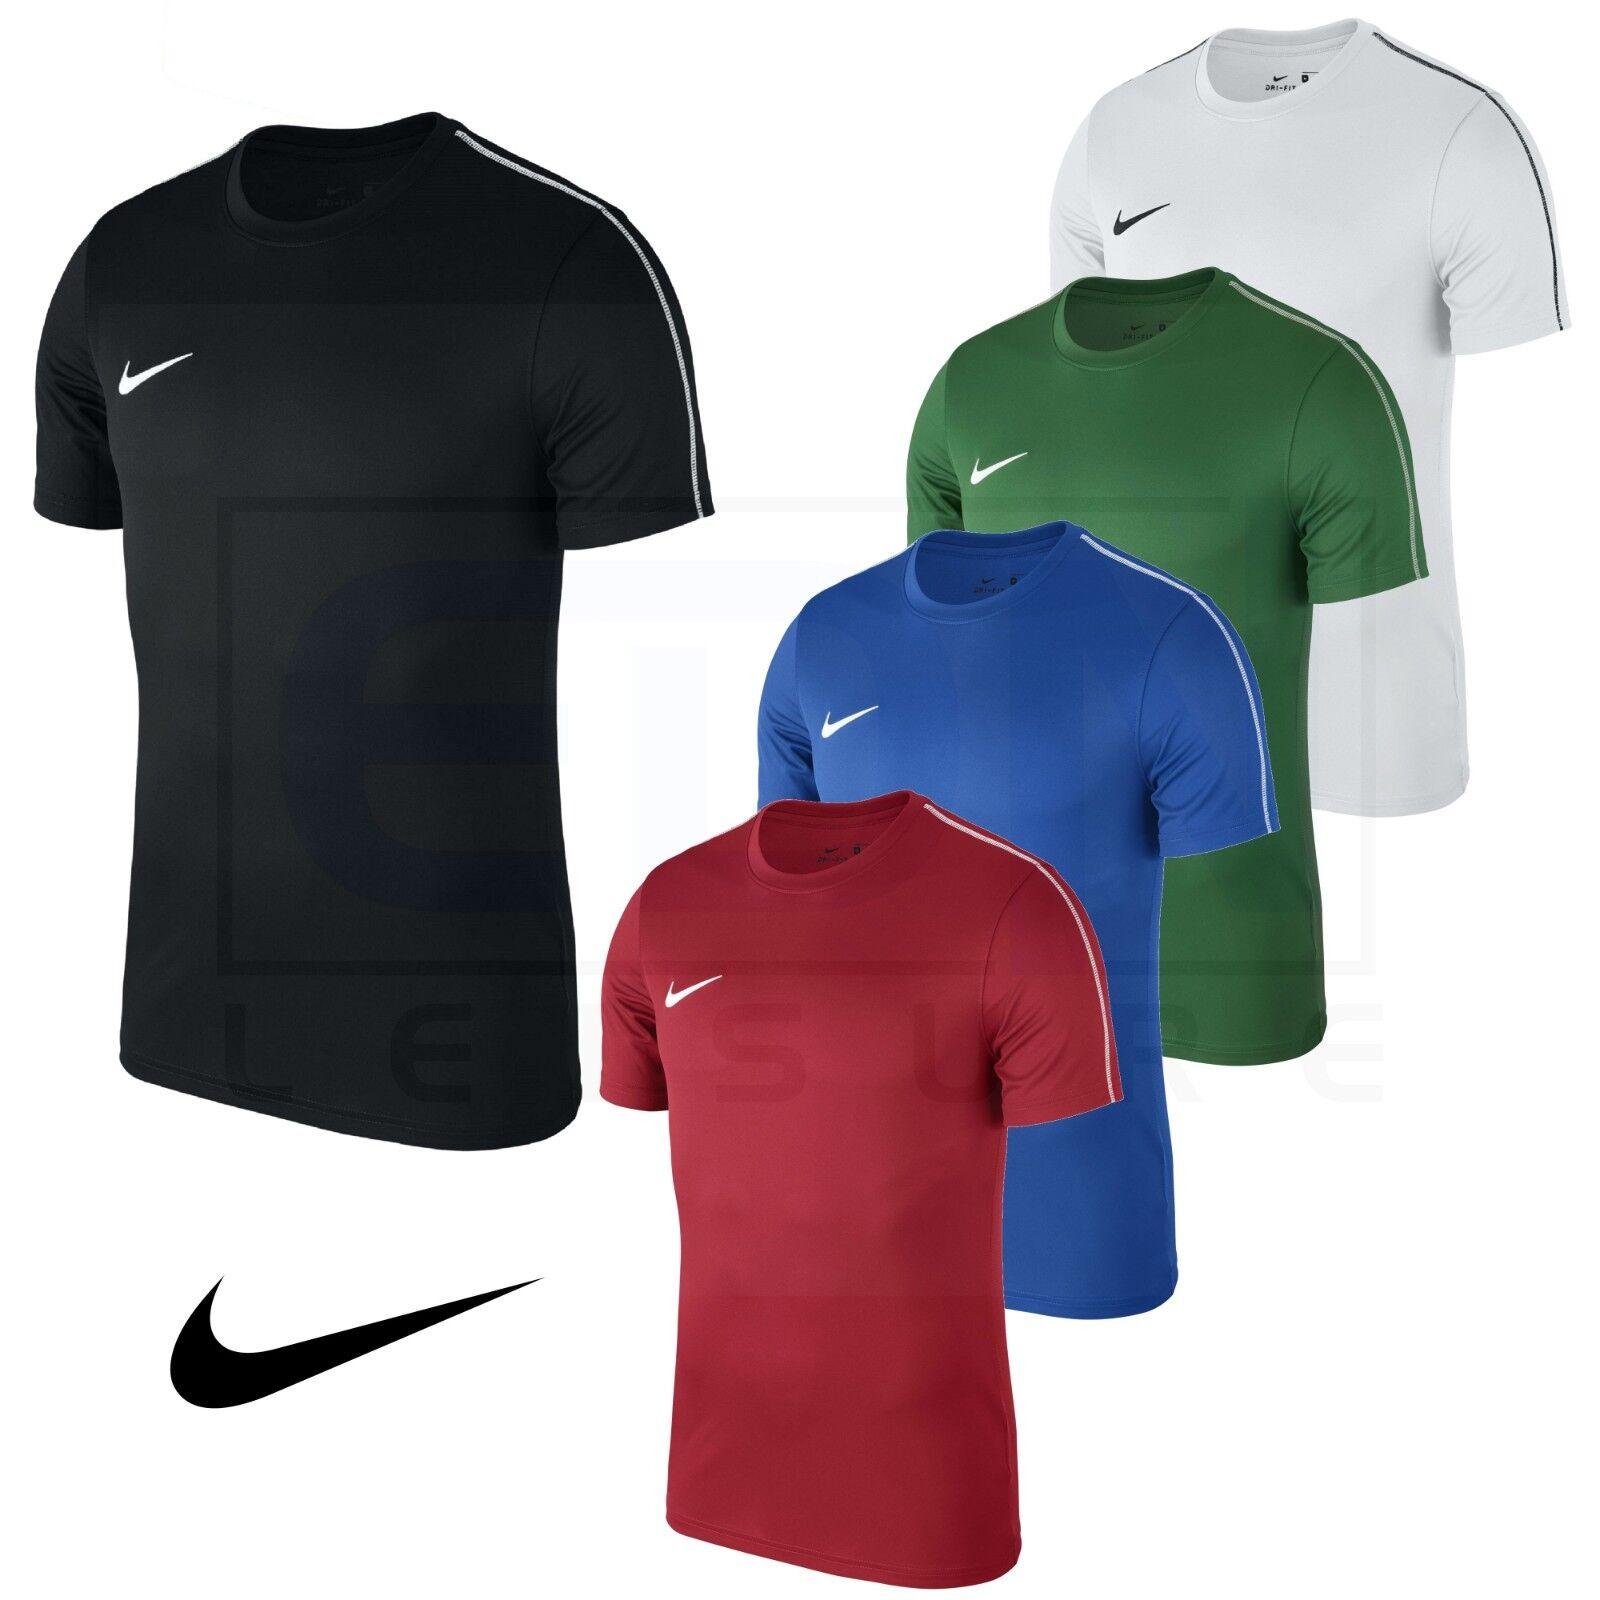 Détails sur Nike Homme T Shirt Football Haut d'entraînement gym Ventilé Sèche Dri Fit Taille S M L XL XXL afficher le titre d'origine